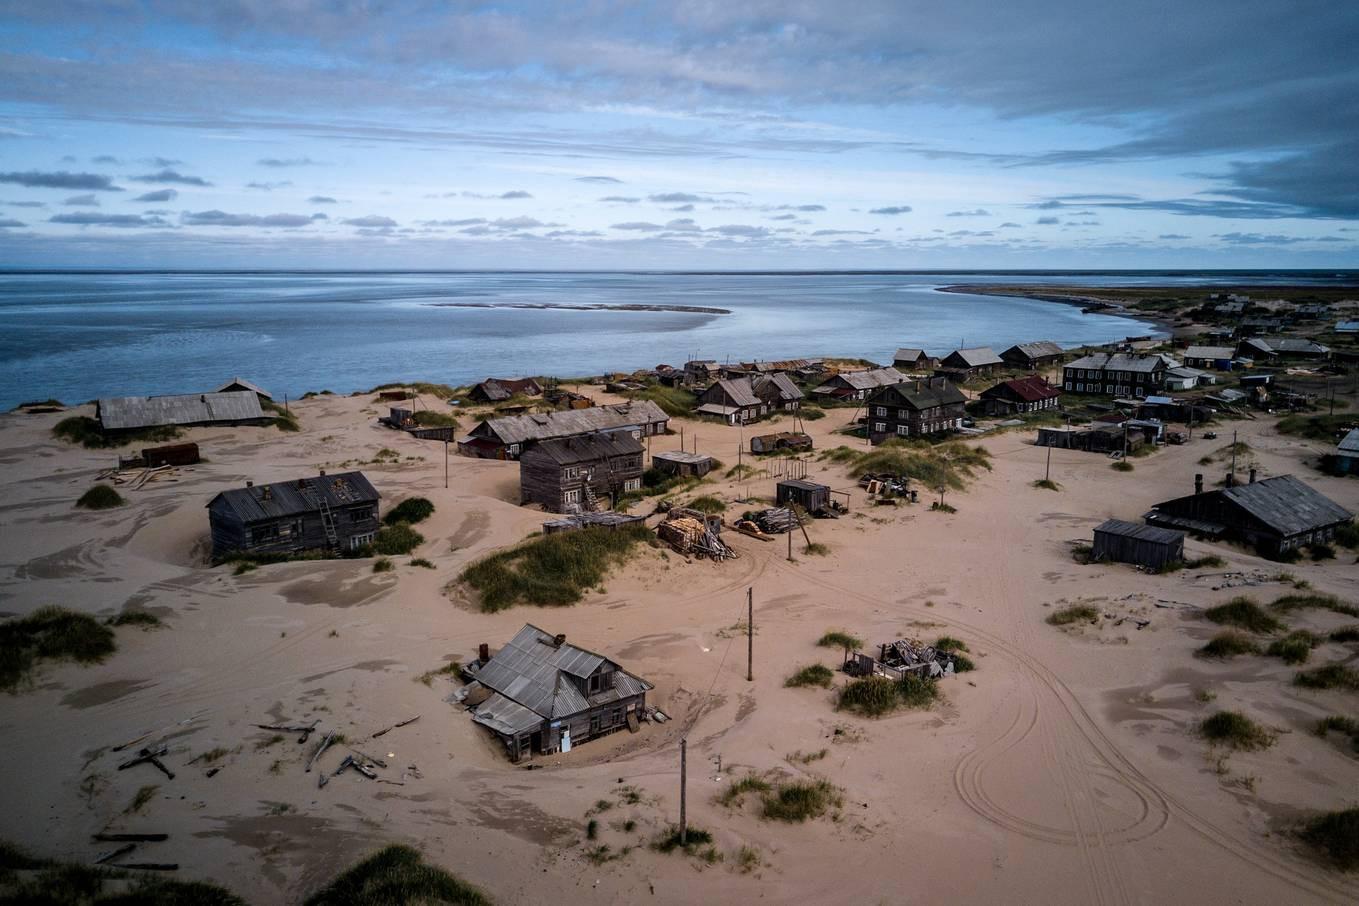 Khám phá ngôi làng Nga biến mất mỗi khi gió to, người dân không ai dám đóng cửa vào ban đêm - Ảnh 1.